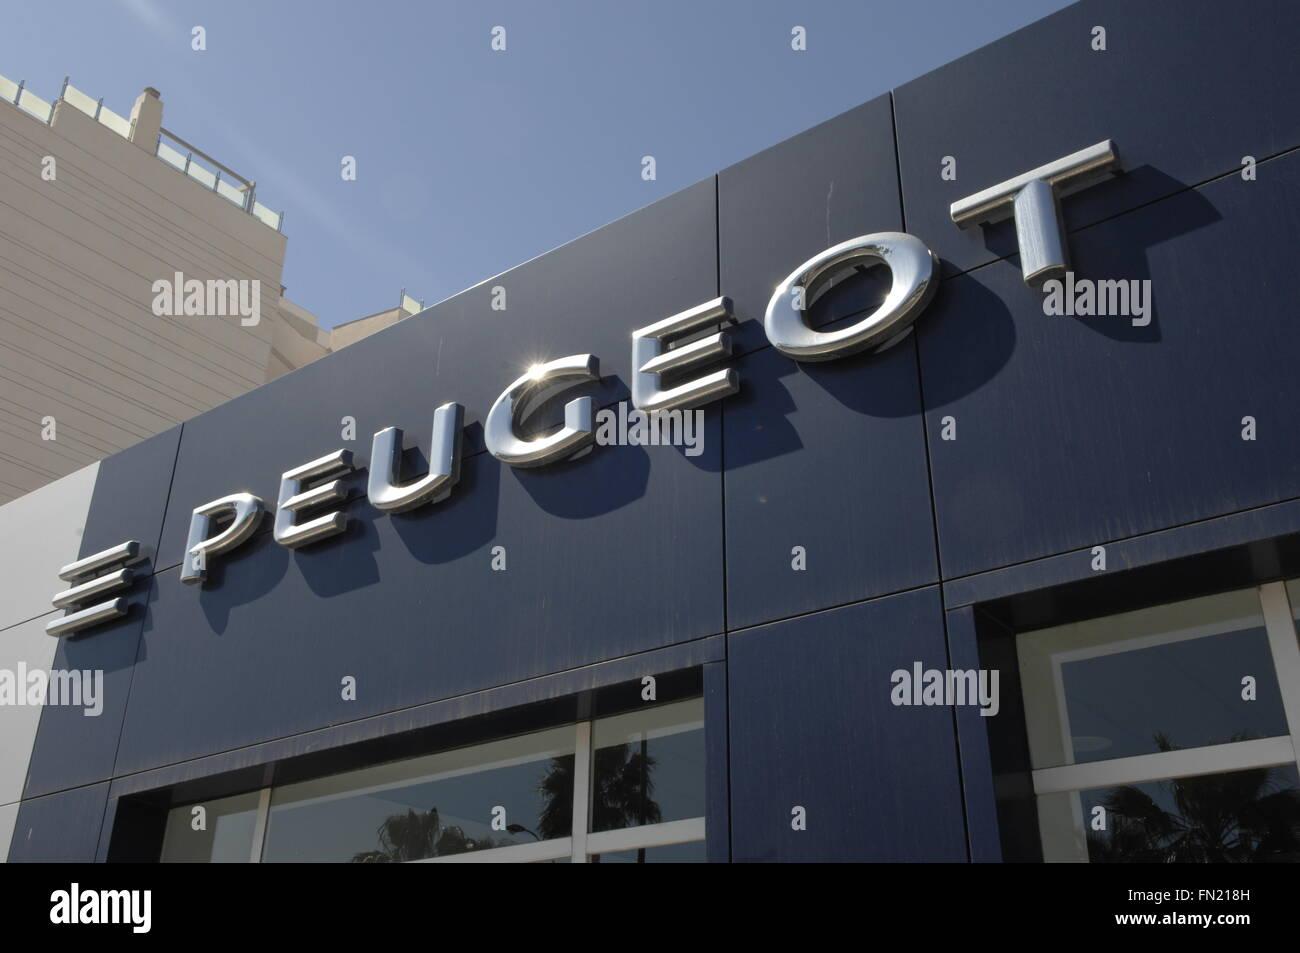 Peugeot Car Showroom sign,Malaga Spain - Stock Image